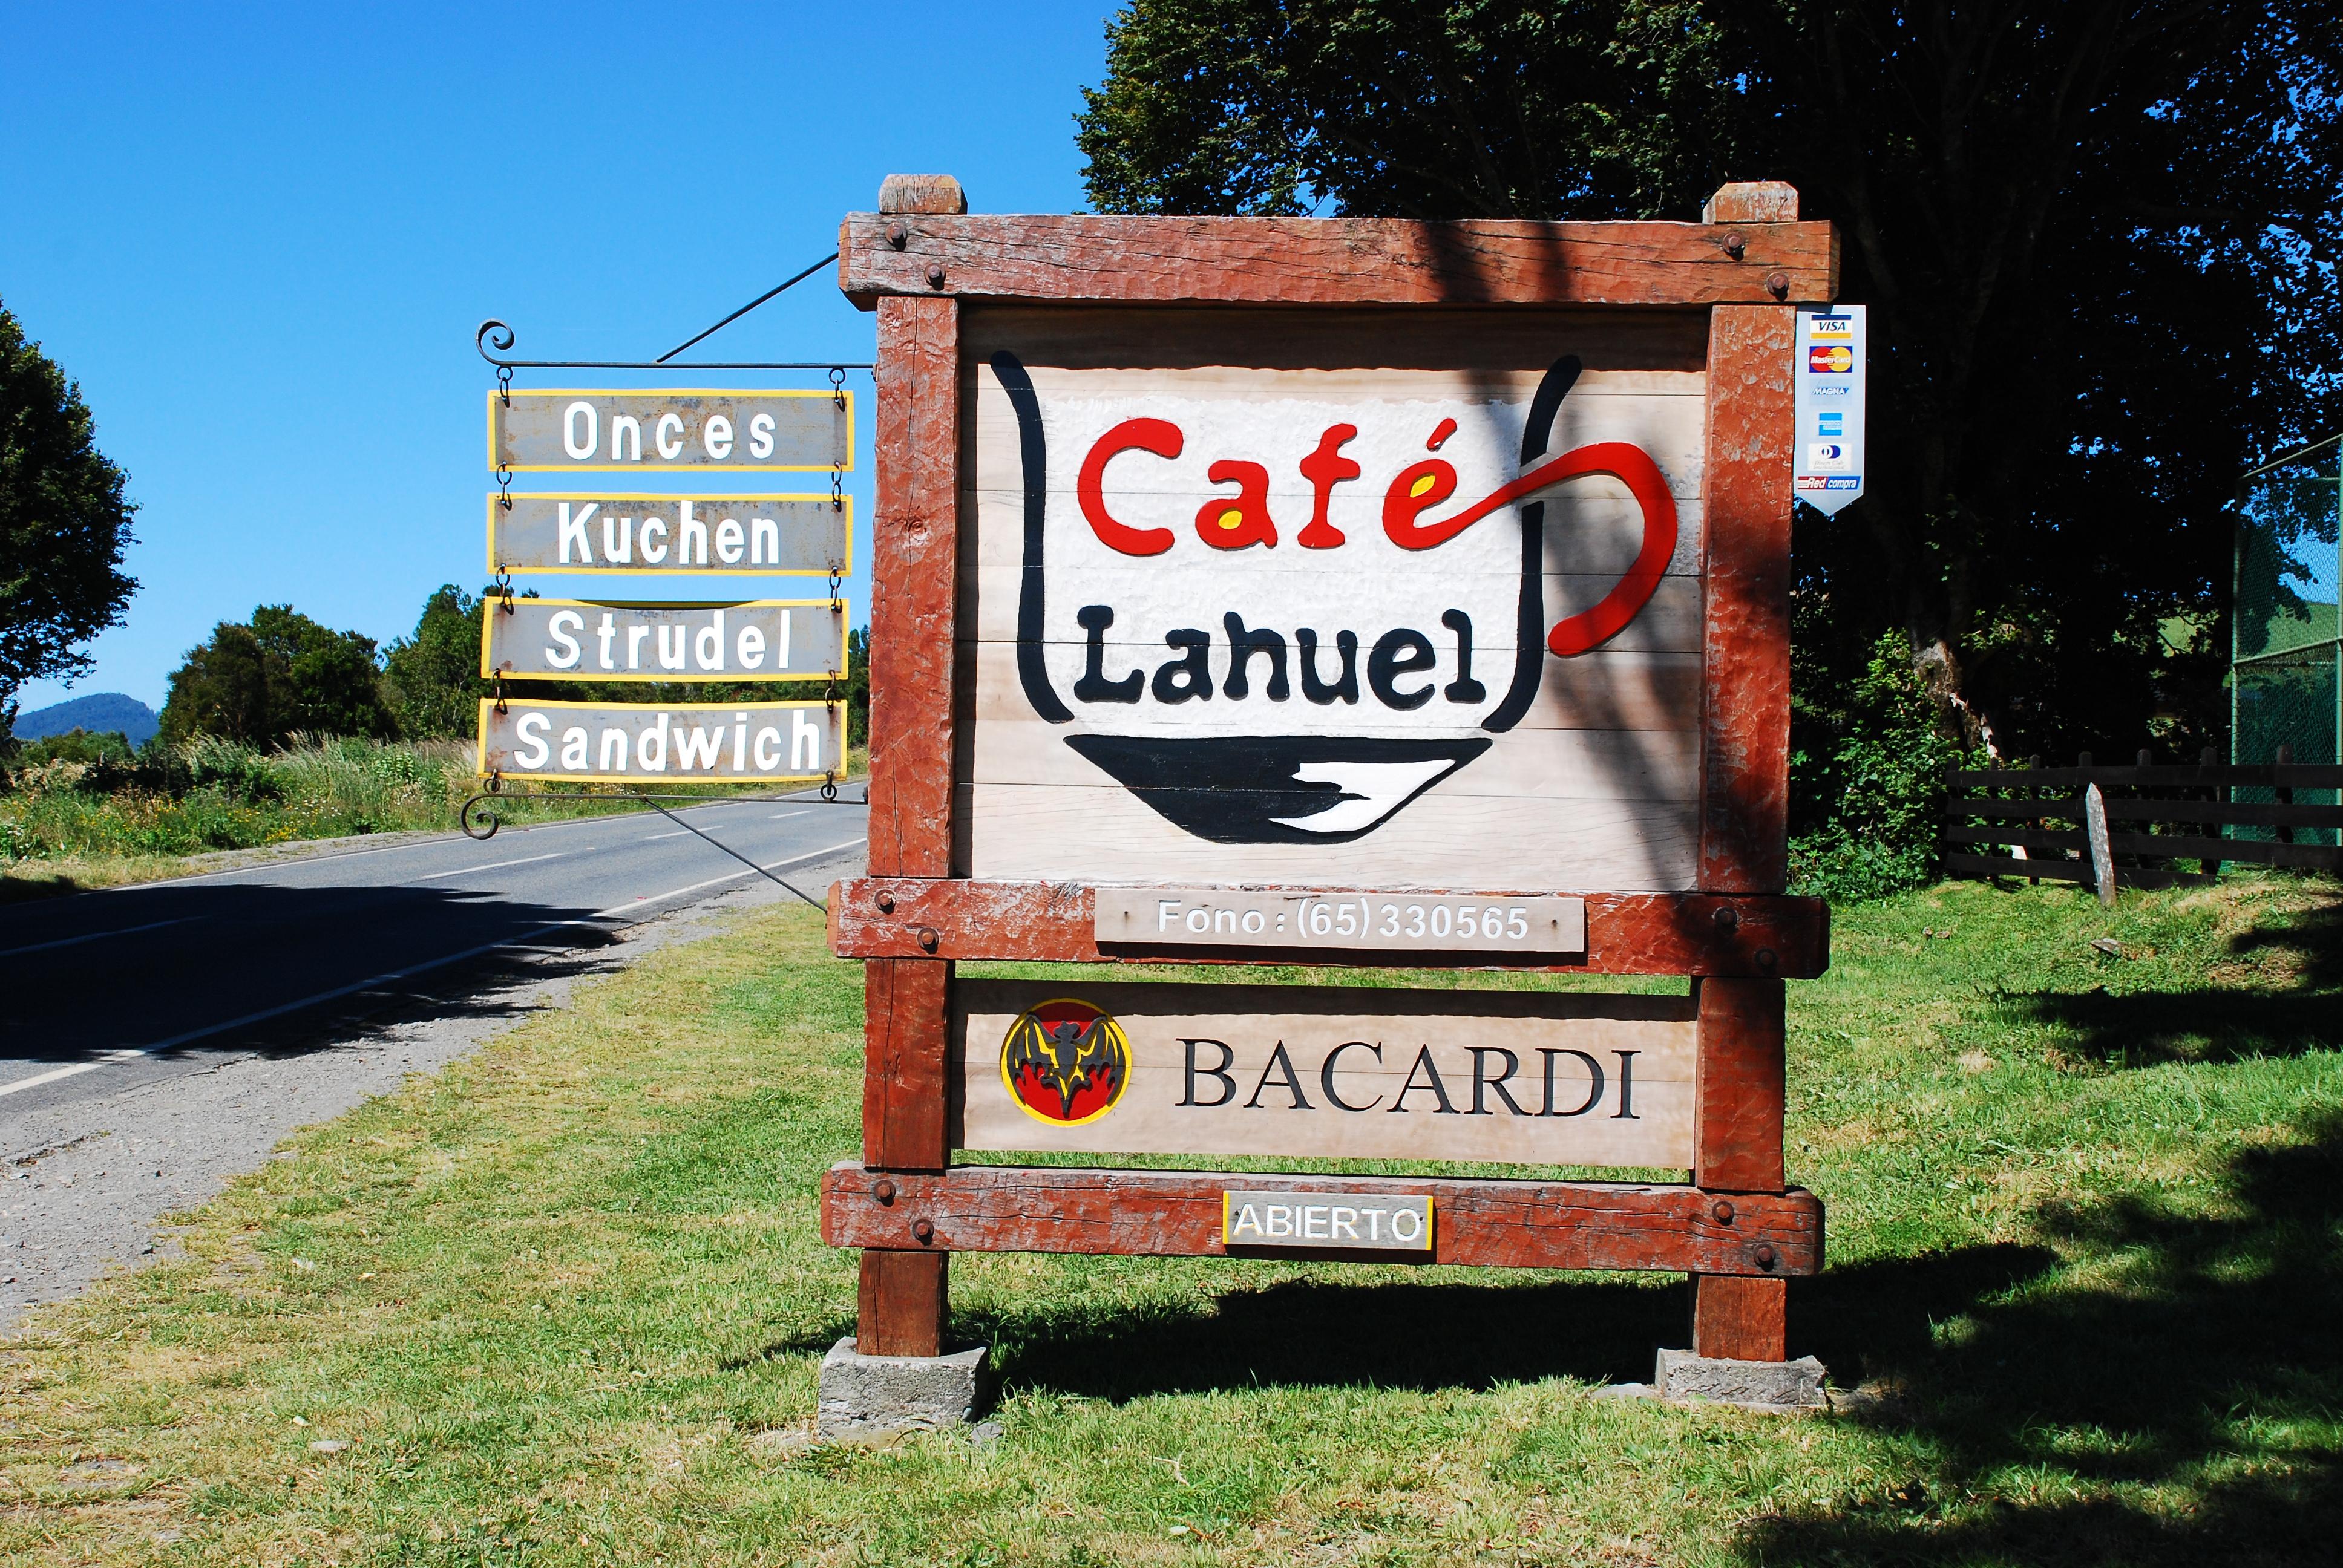 Café Lahuel